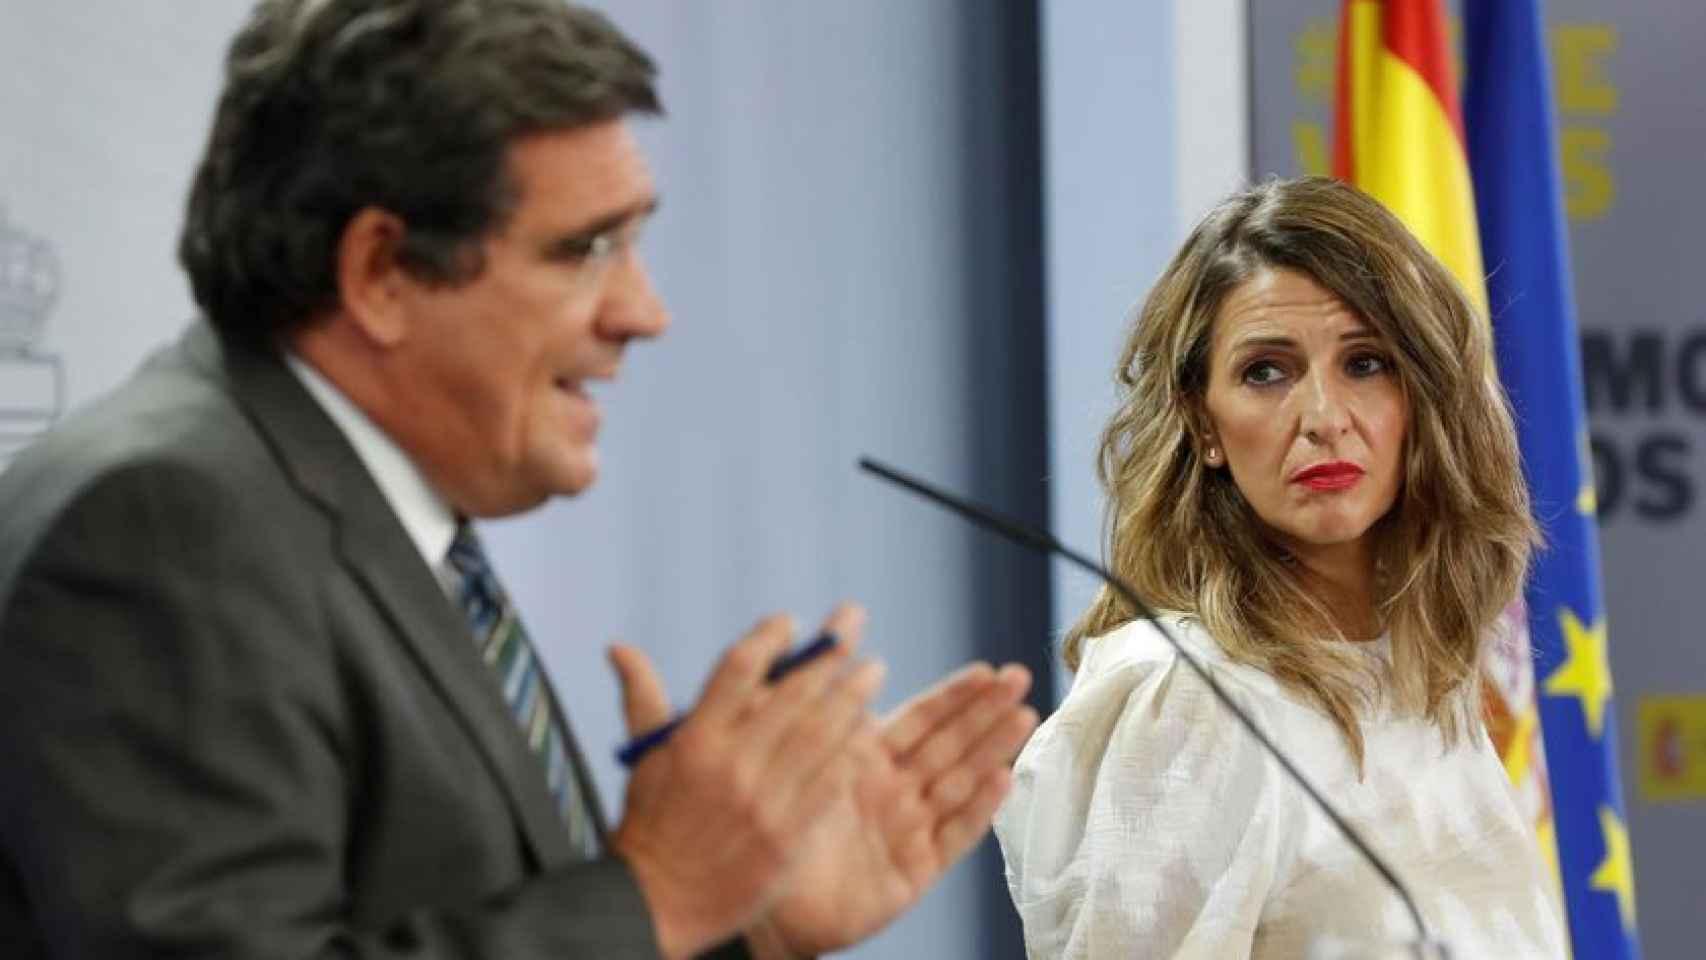 José Luis Escrivá, ministro de Seguridad Social, y Yolanda Díaz, ministra de Trabajo, en Moncloa.